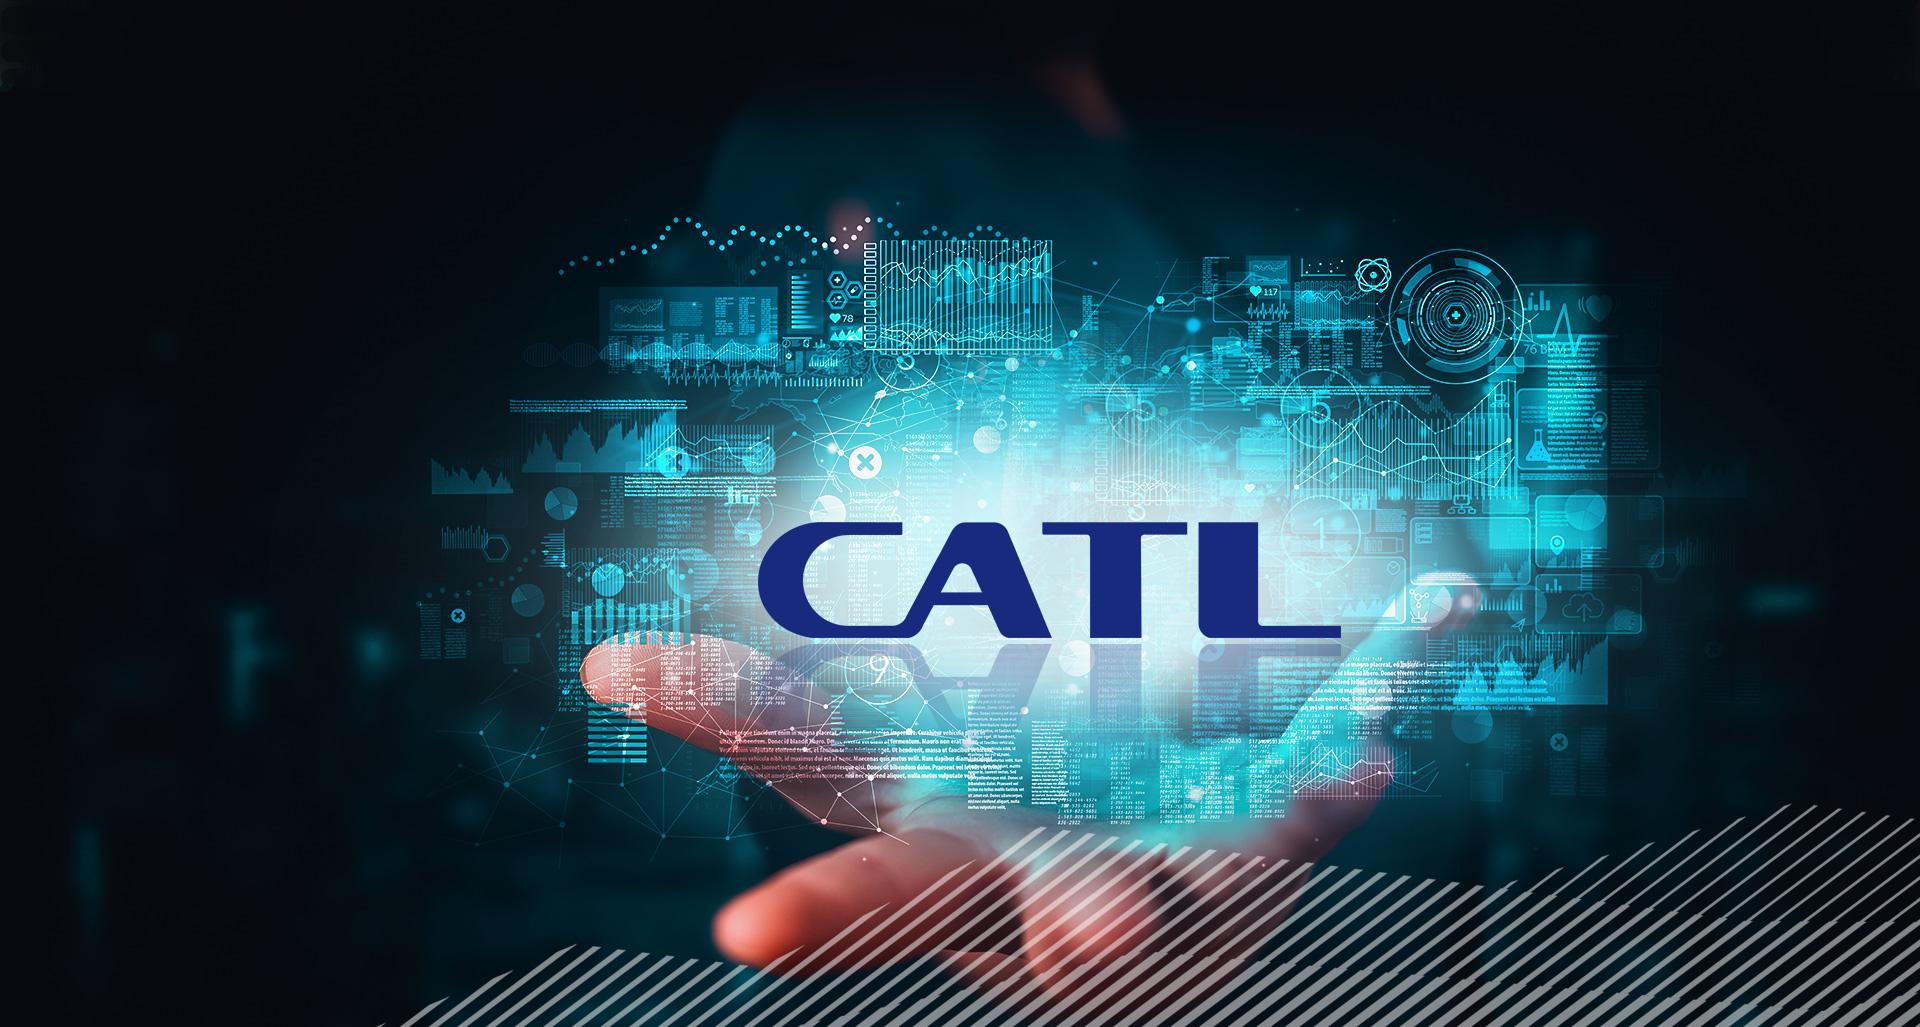 q-battery-catl-logo